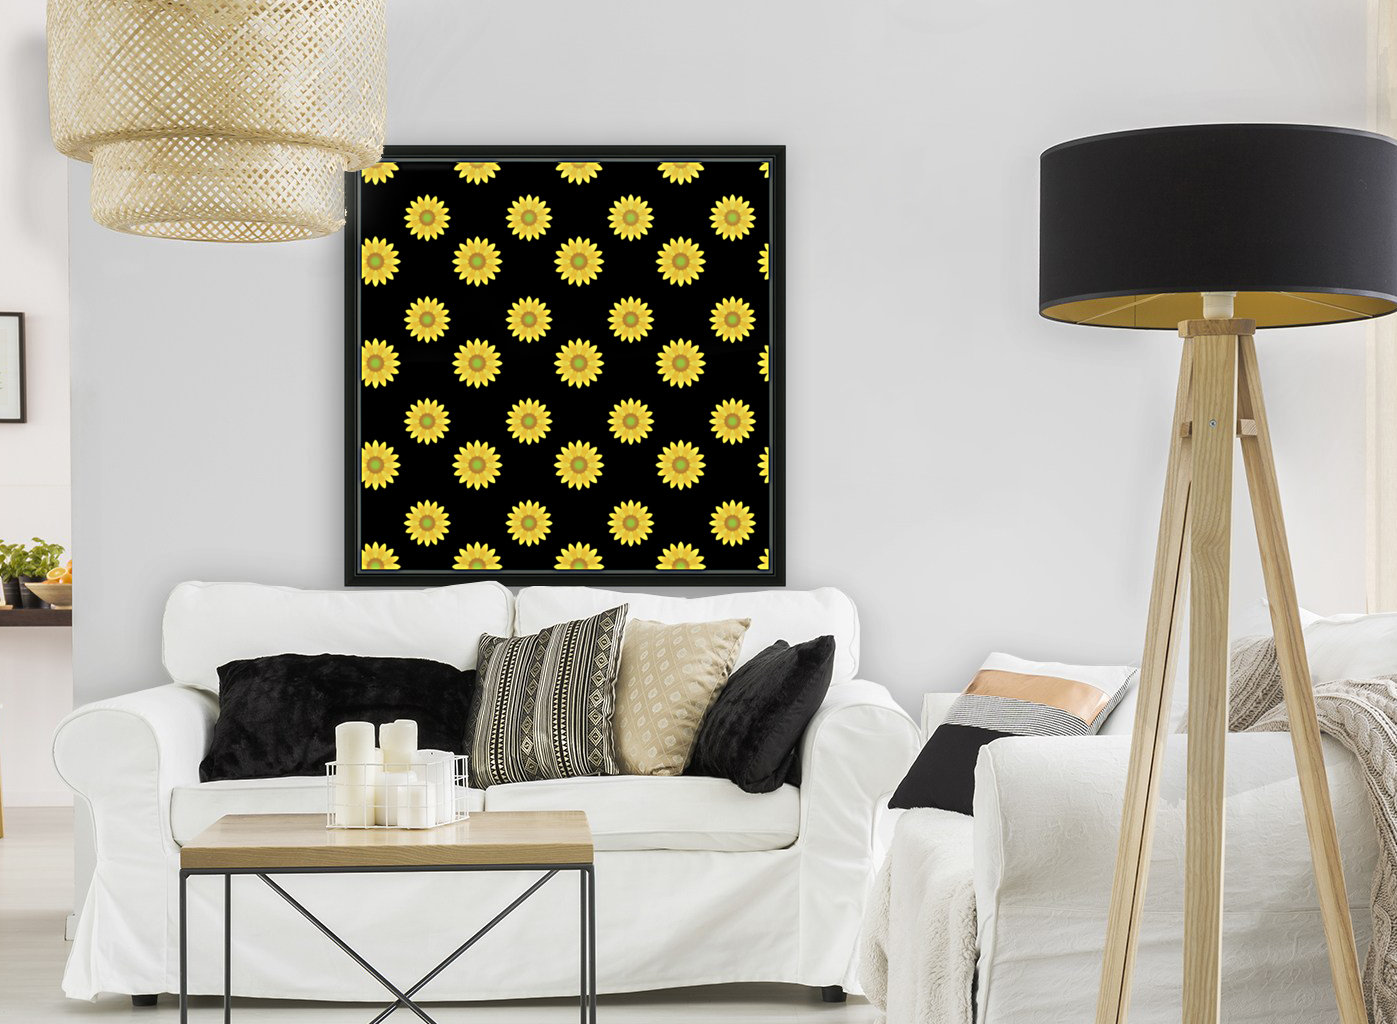 Sunflower (6)_1559876457.017  Art